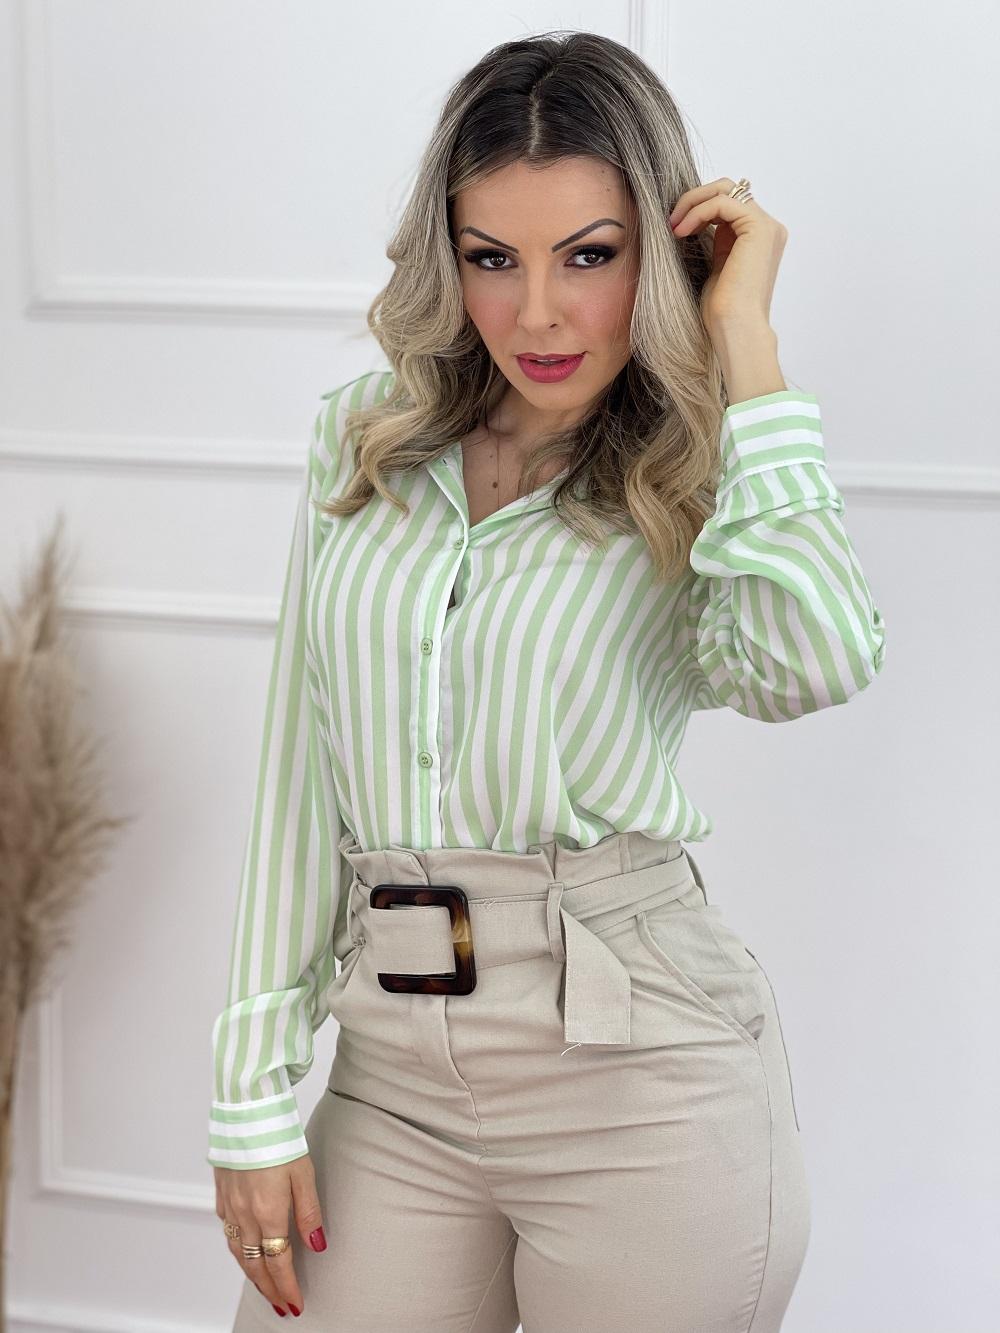 Look Pronto: Camisa Manga Longa Listras Verde + Calça Skinny em Viscolinho Detalhe Cinto Bege